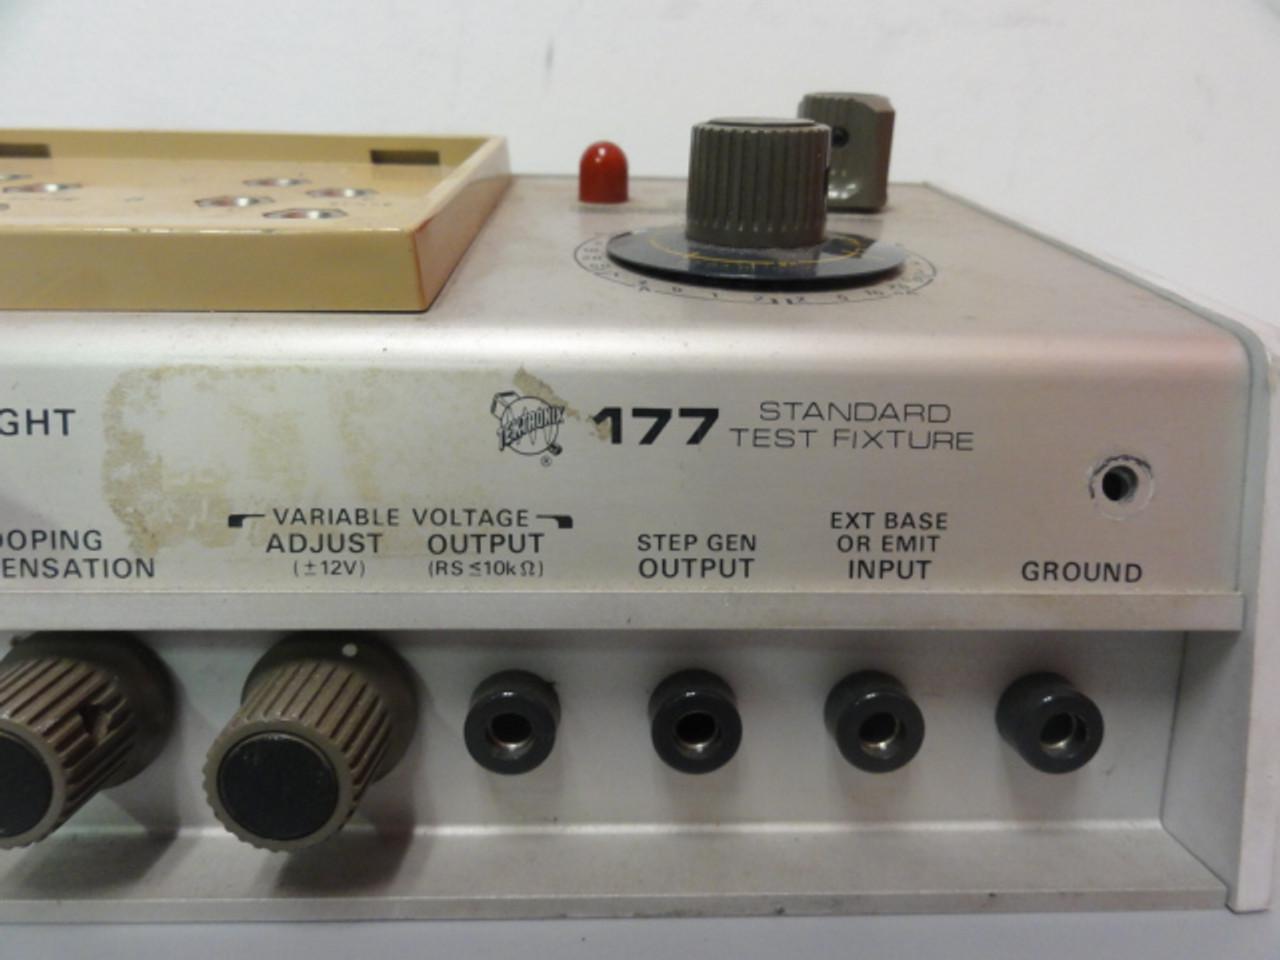 Tektronix 177 Standard Test Fixture